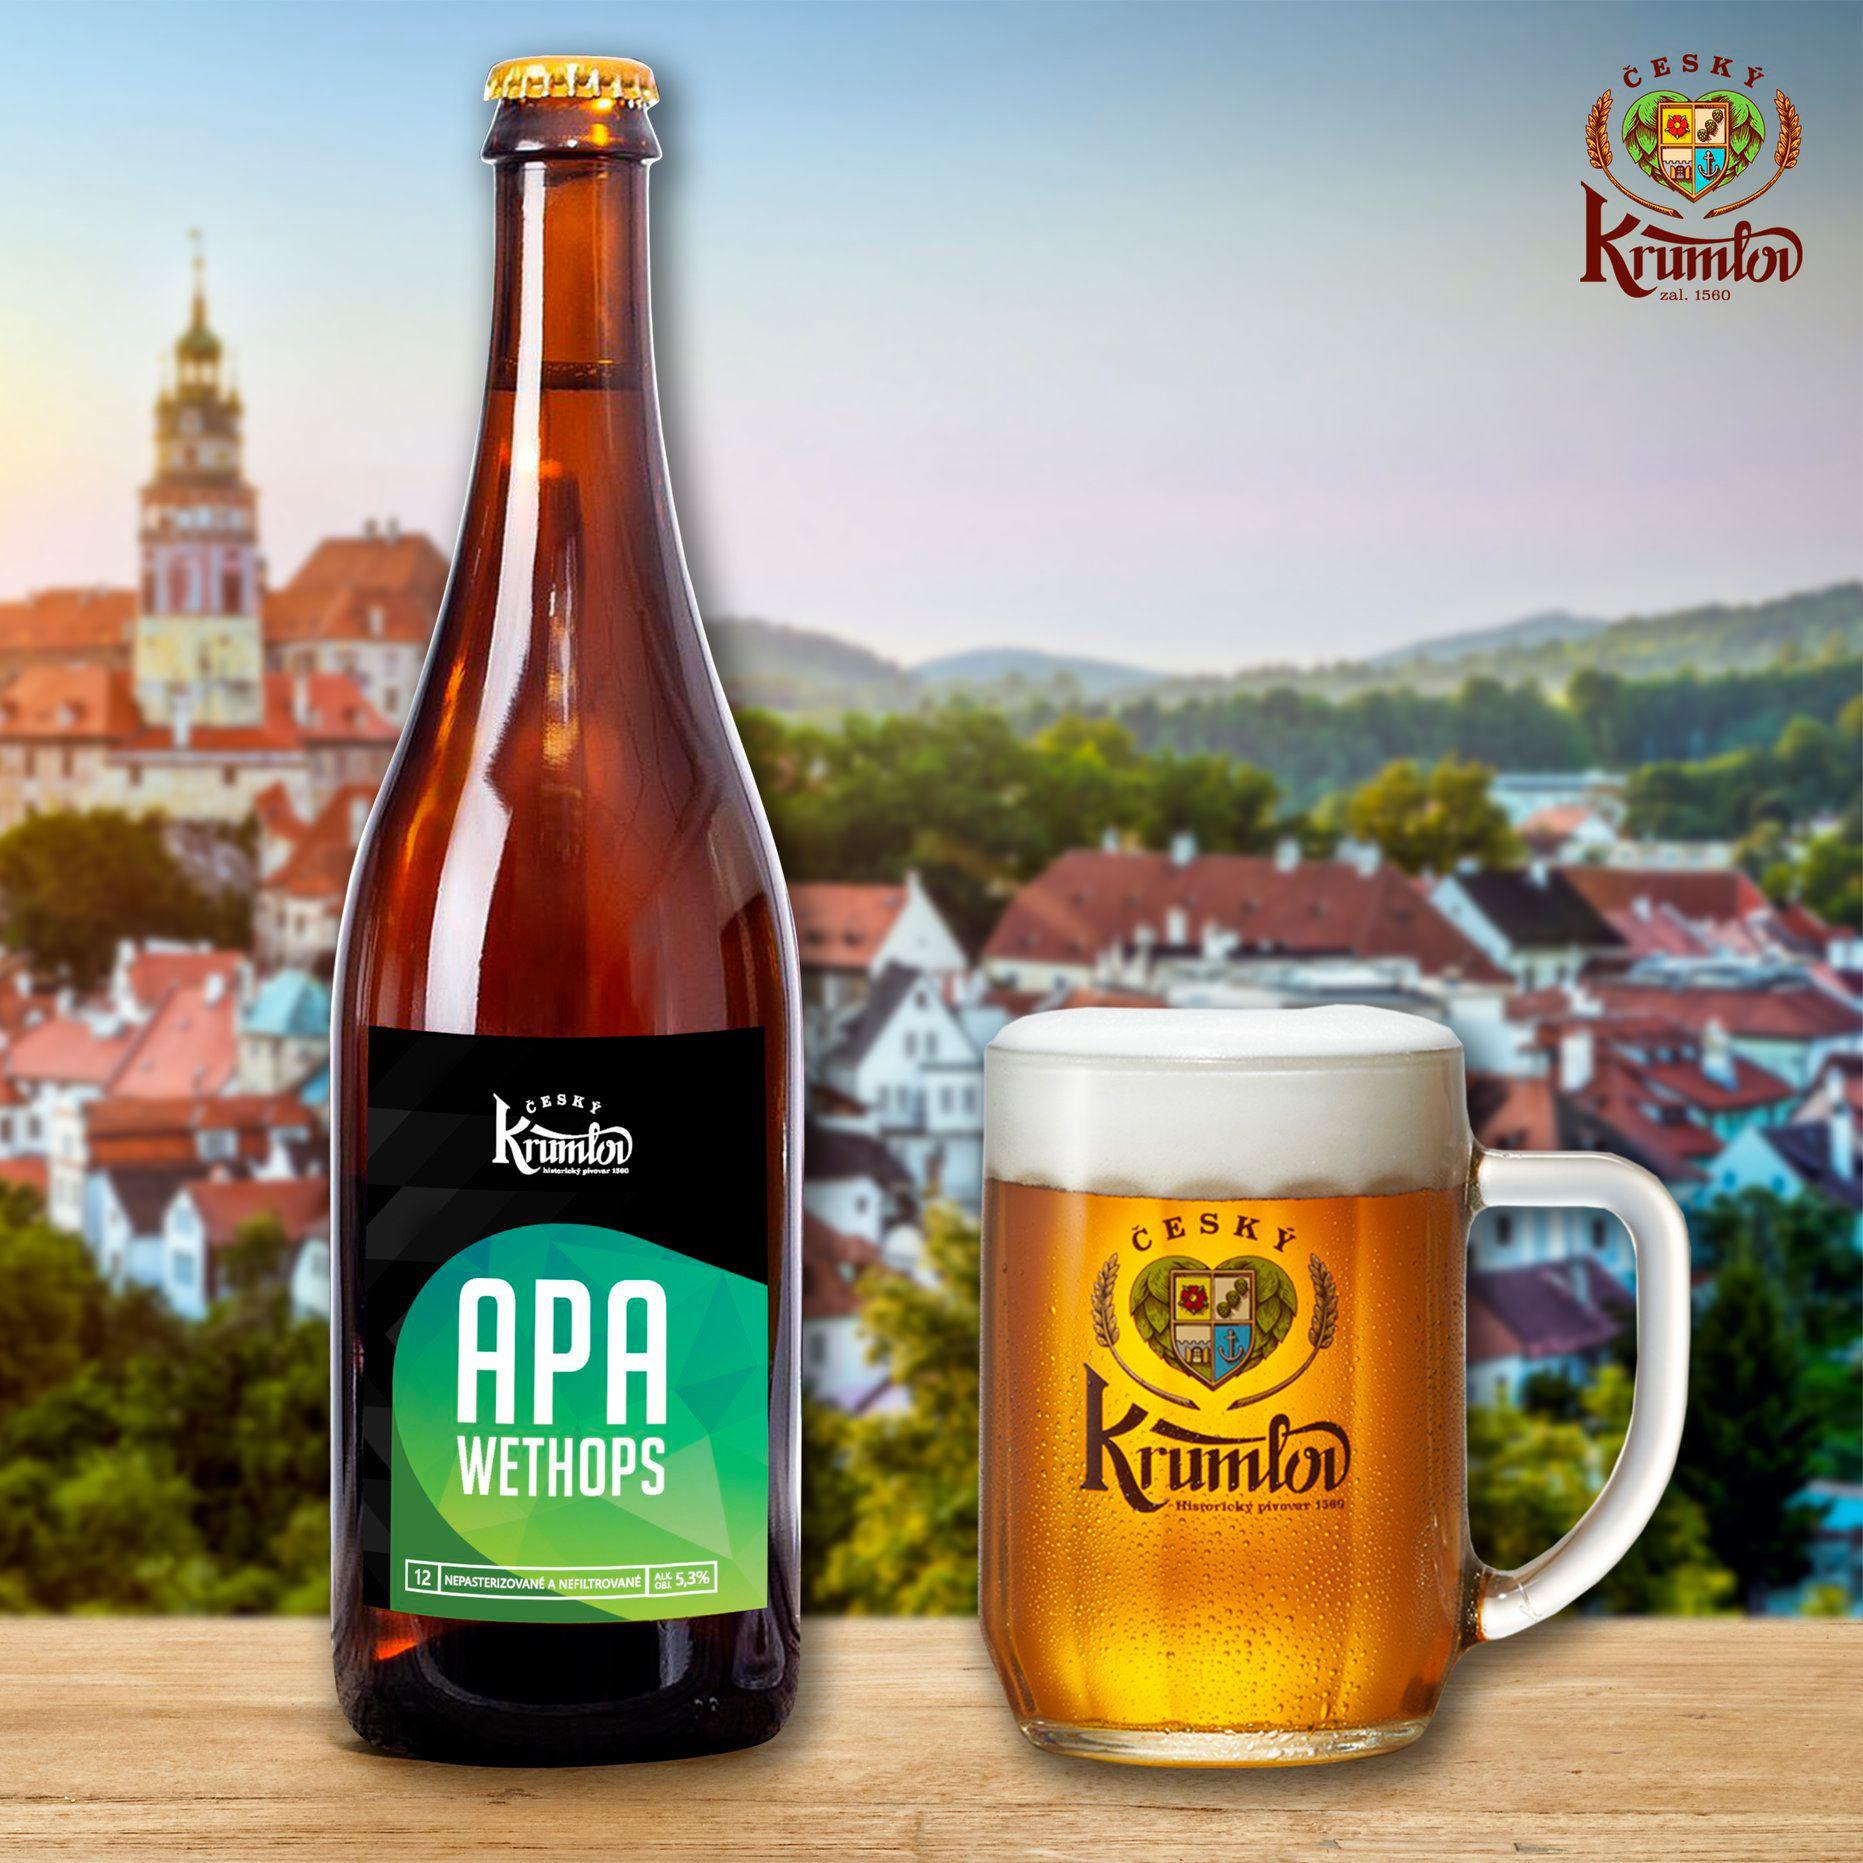 Krumlov APA 12 WETHOPS